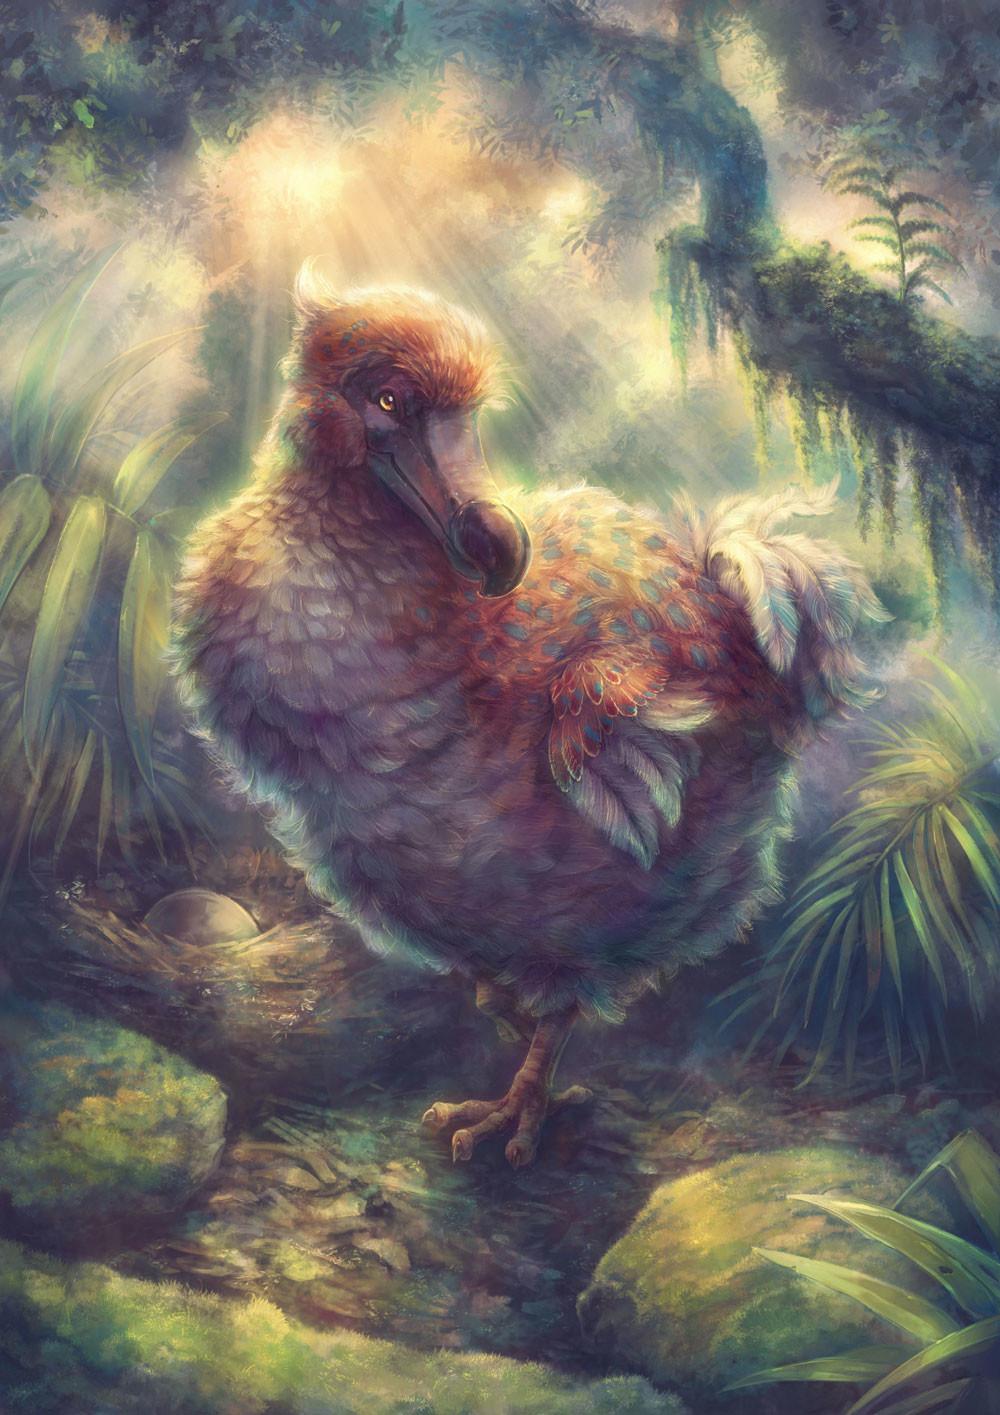 Iva vyhnankova dodo13c